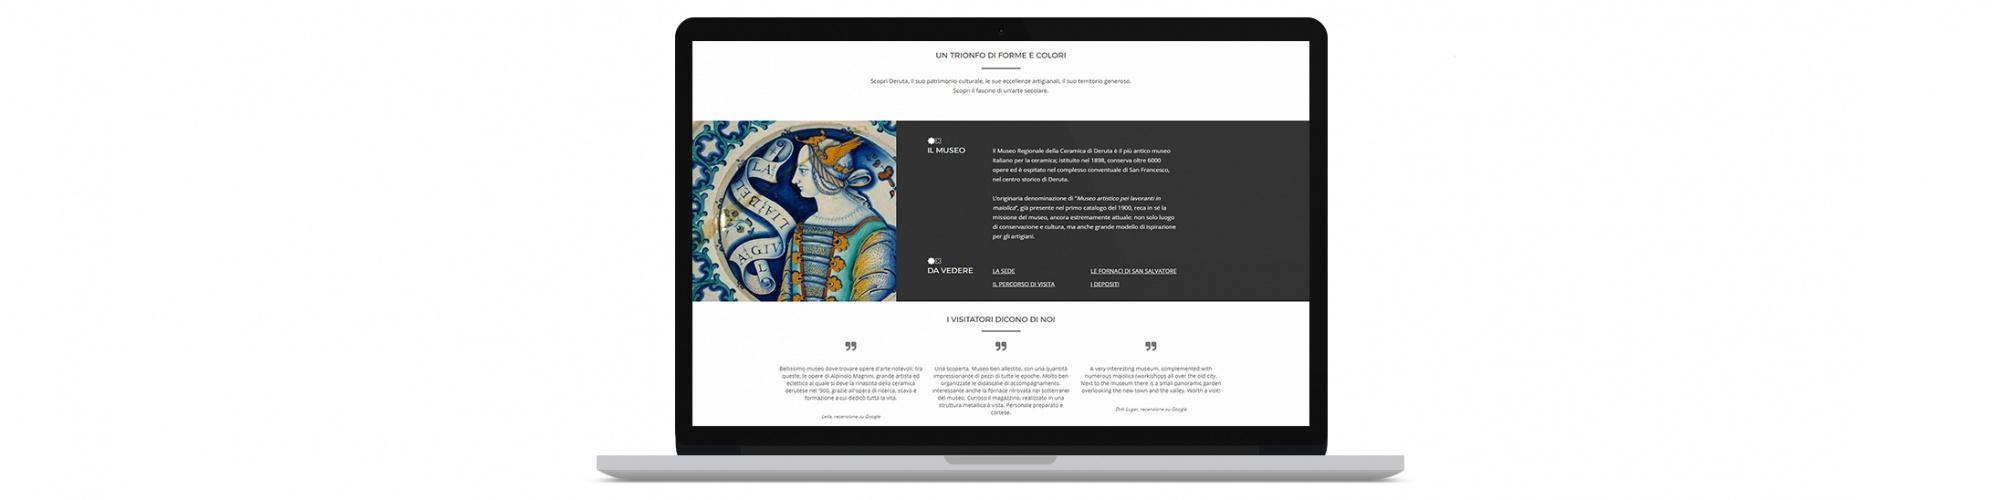 Realizzazione siti web per musei